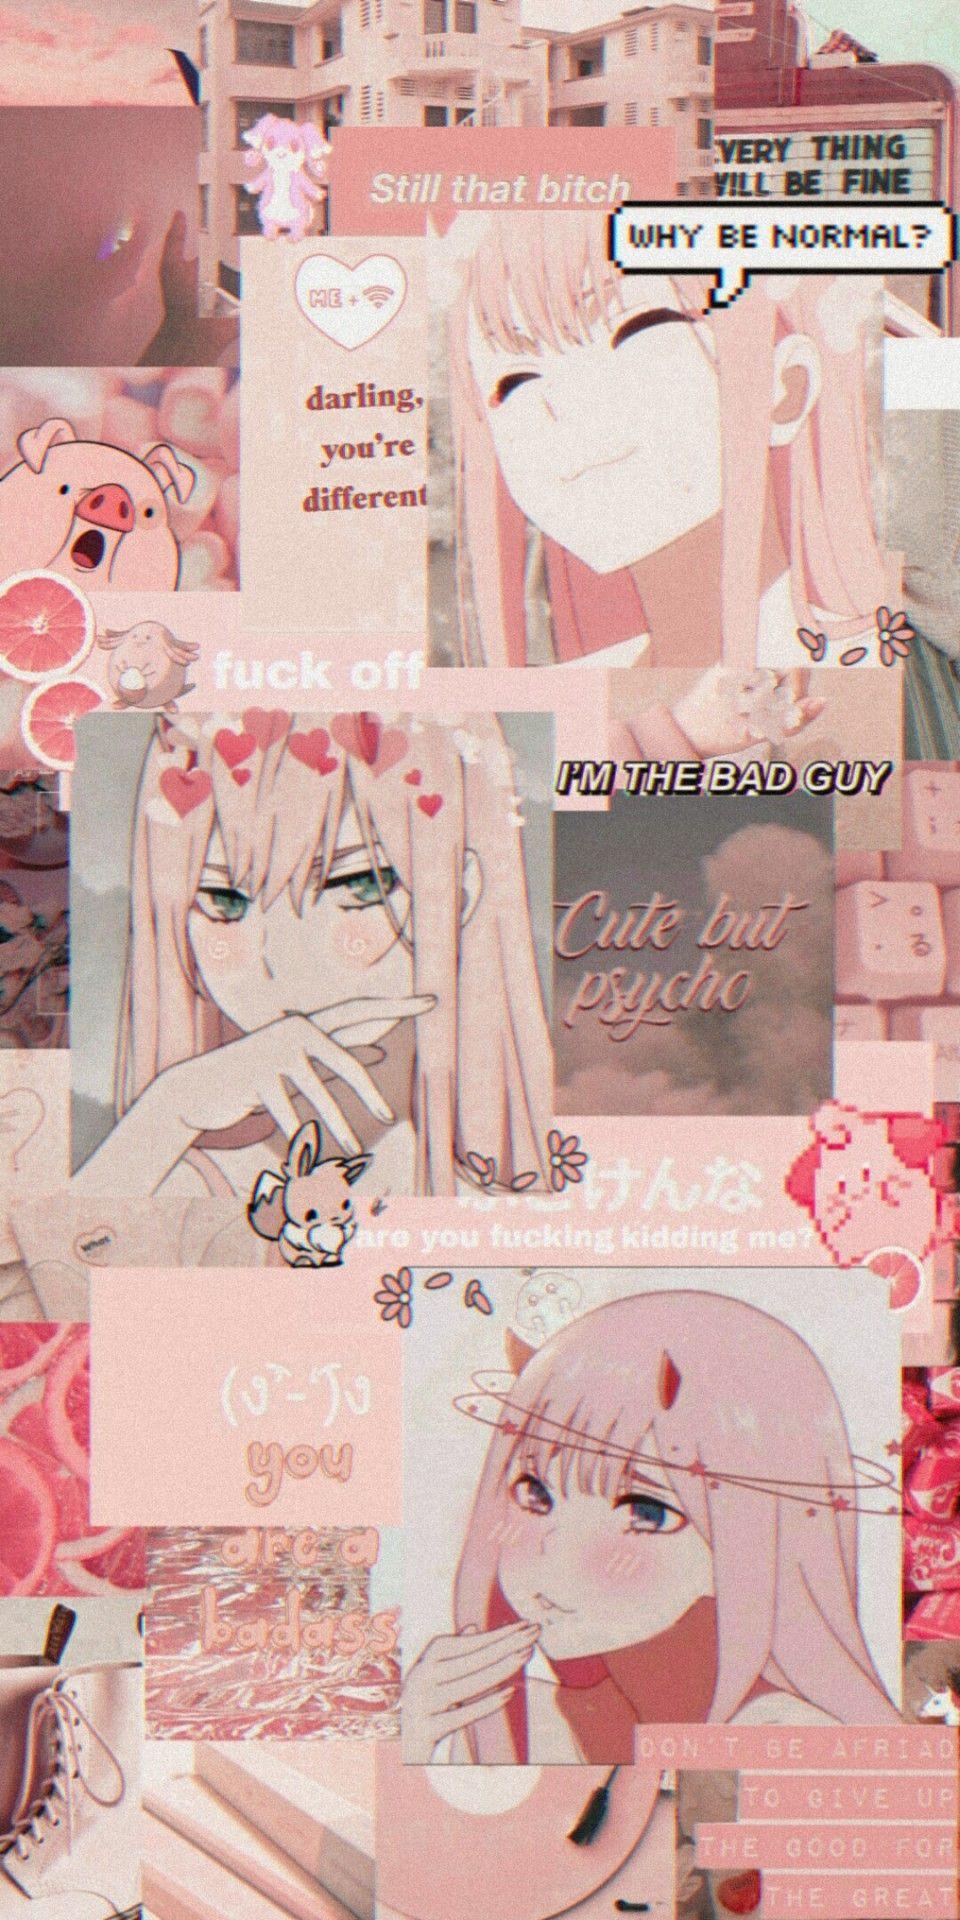 Derek Shirogane Anime wallpaper iphone, Aesthetic anime